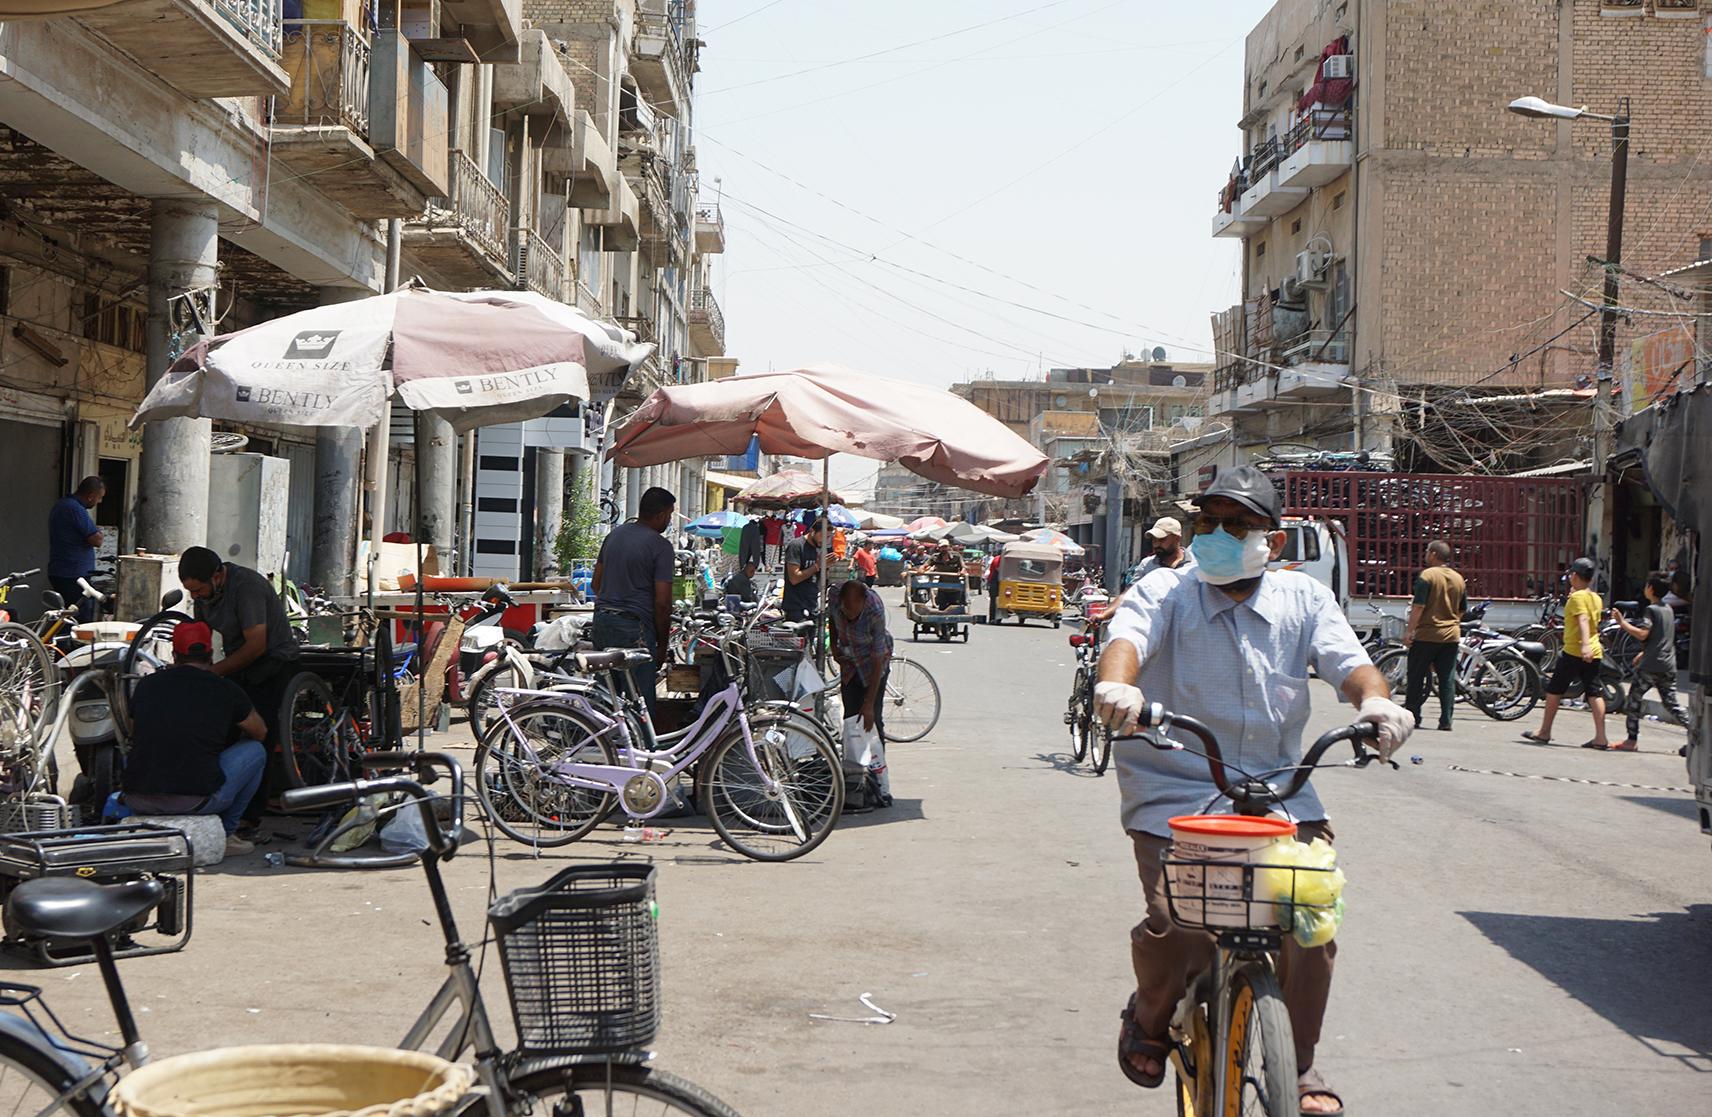 العراق يقرر فرض حظر شامل خلال عطلة العيد للحد من عدوى فيروس كورونا المستجد